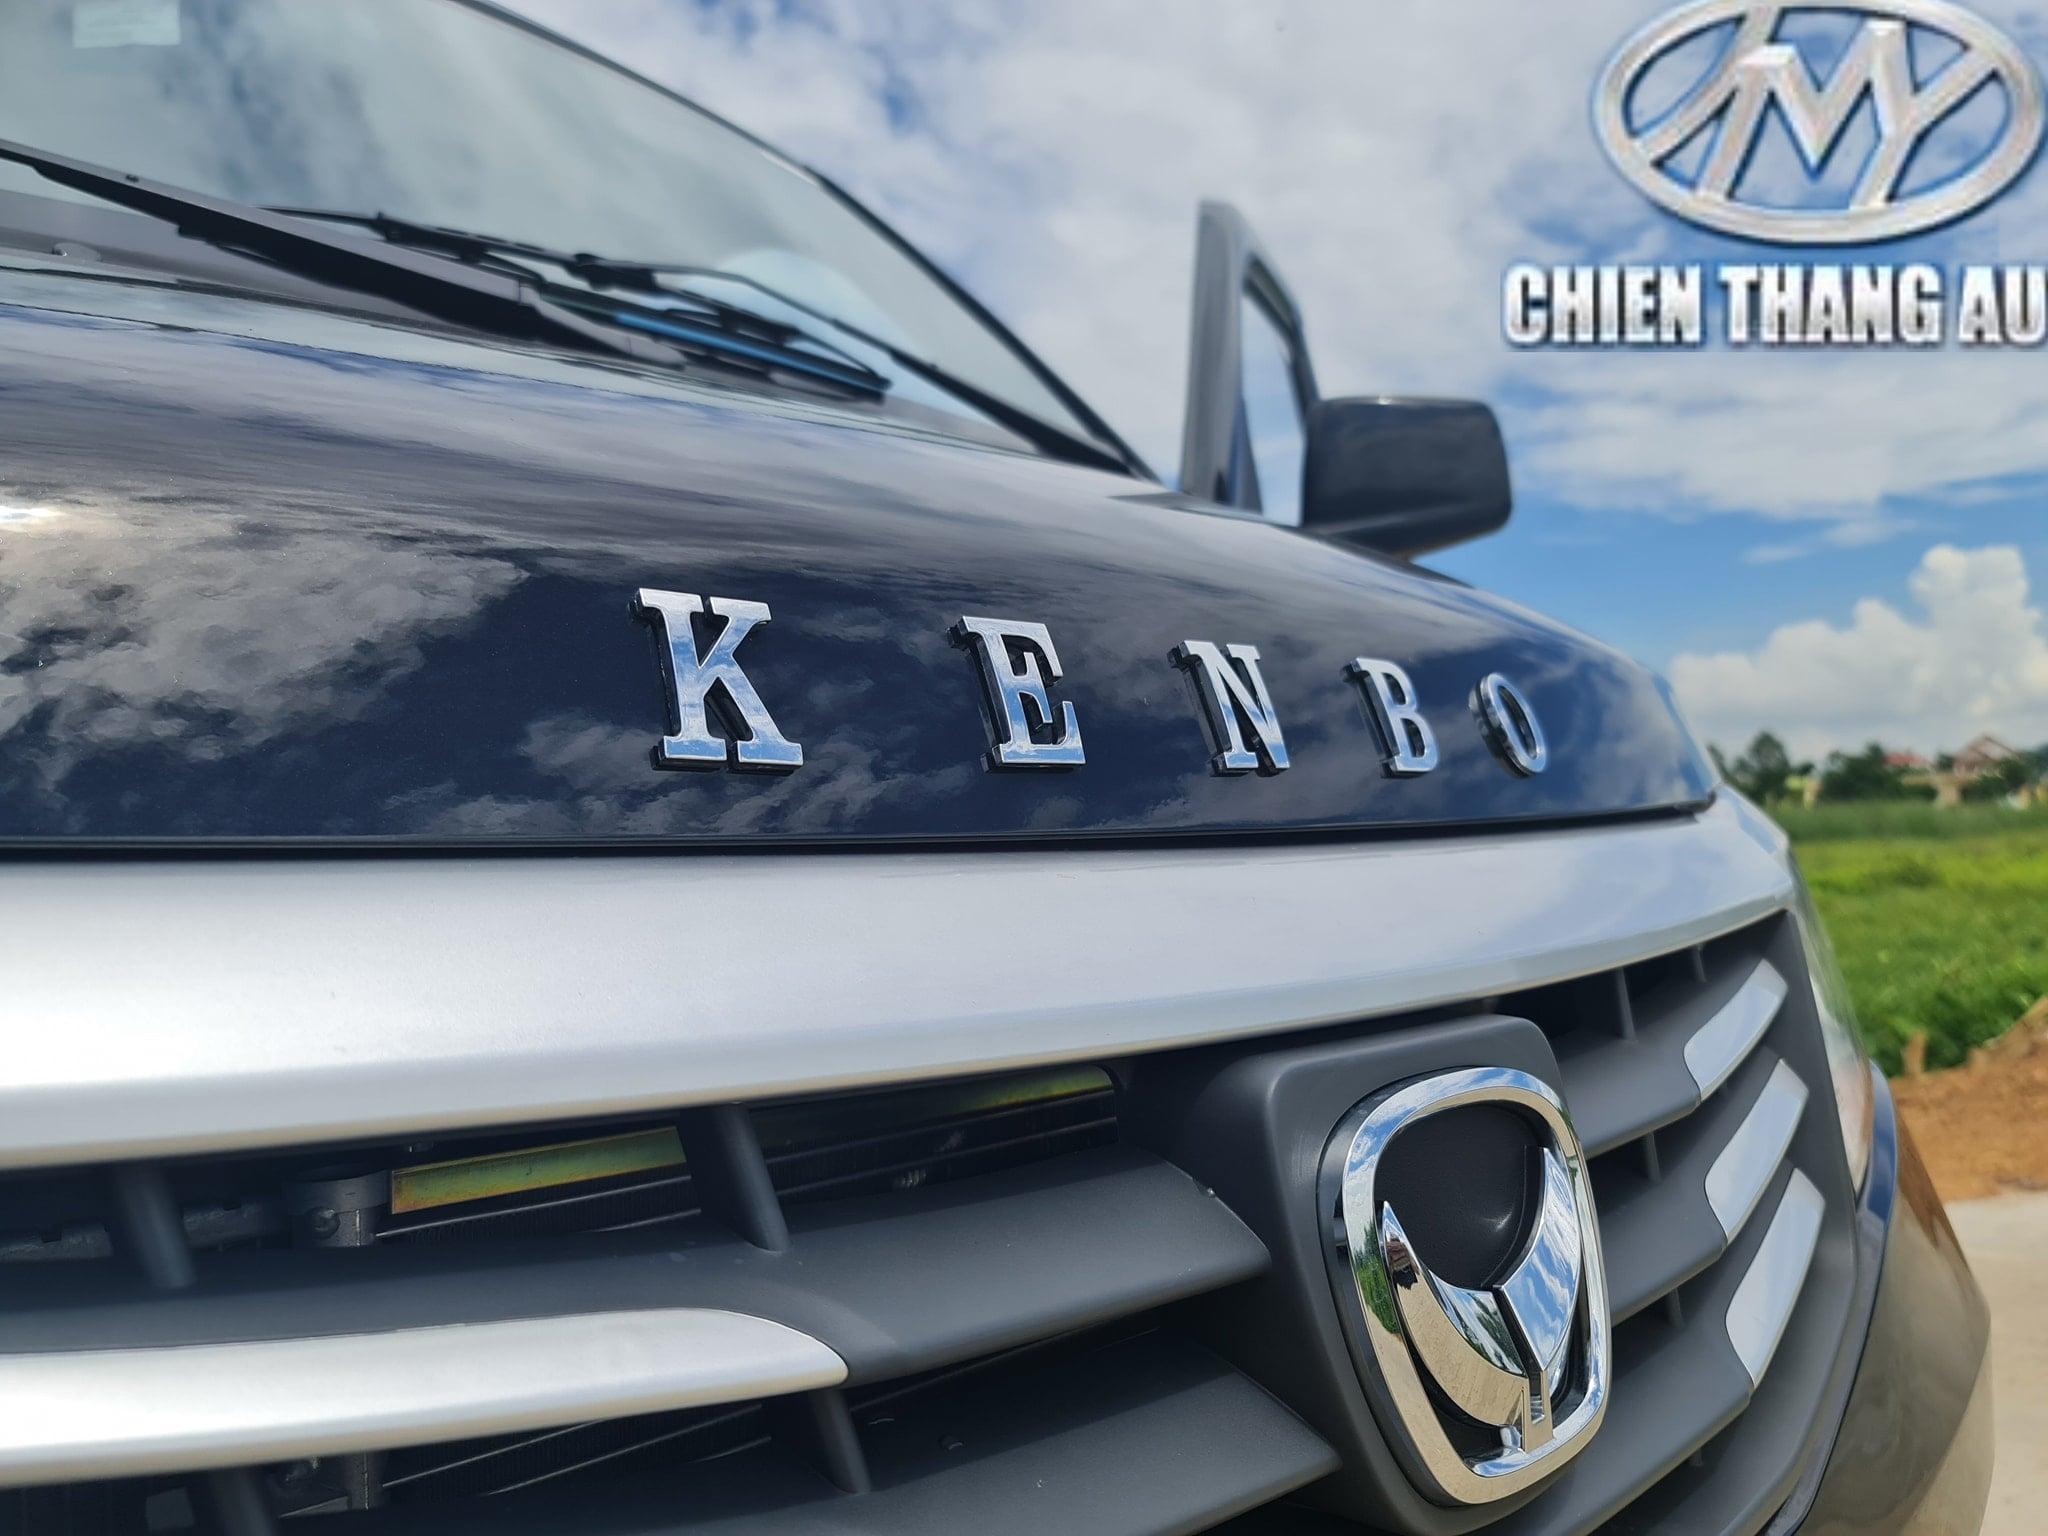 XE Ô TÔ VAN KENBO 5 CHỖ, XE Ô TÔ VAN KENBO, XE Ô TÔ VAN, ô tô kenbo, xe van kenbo 5 chỗ.